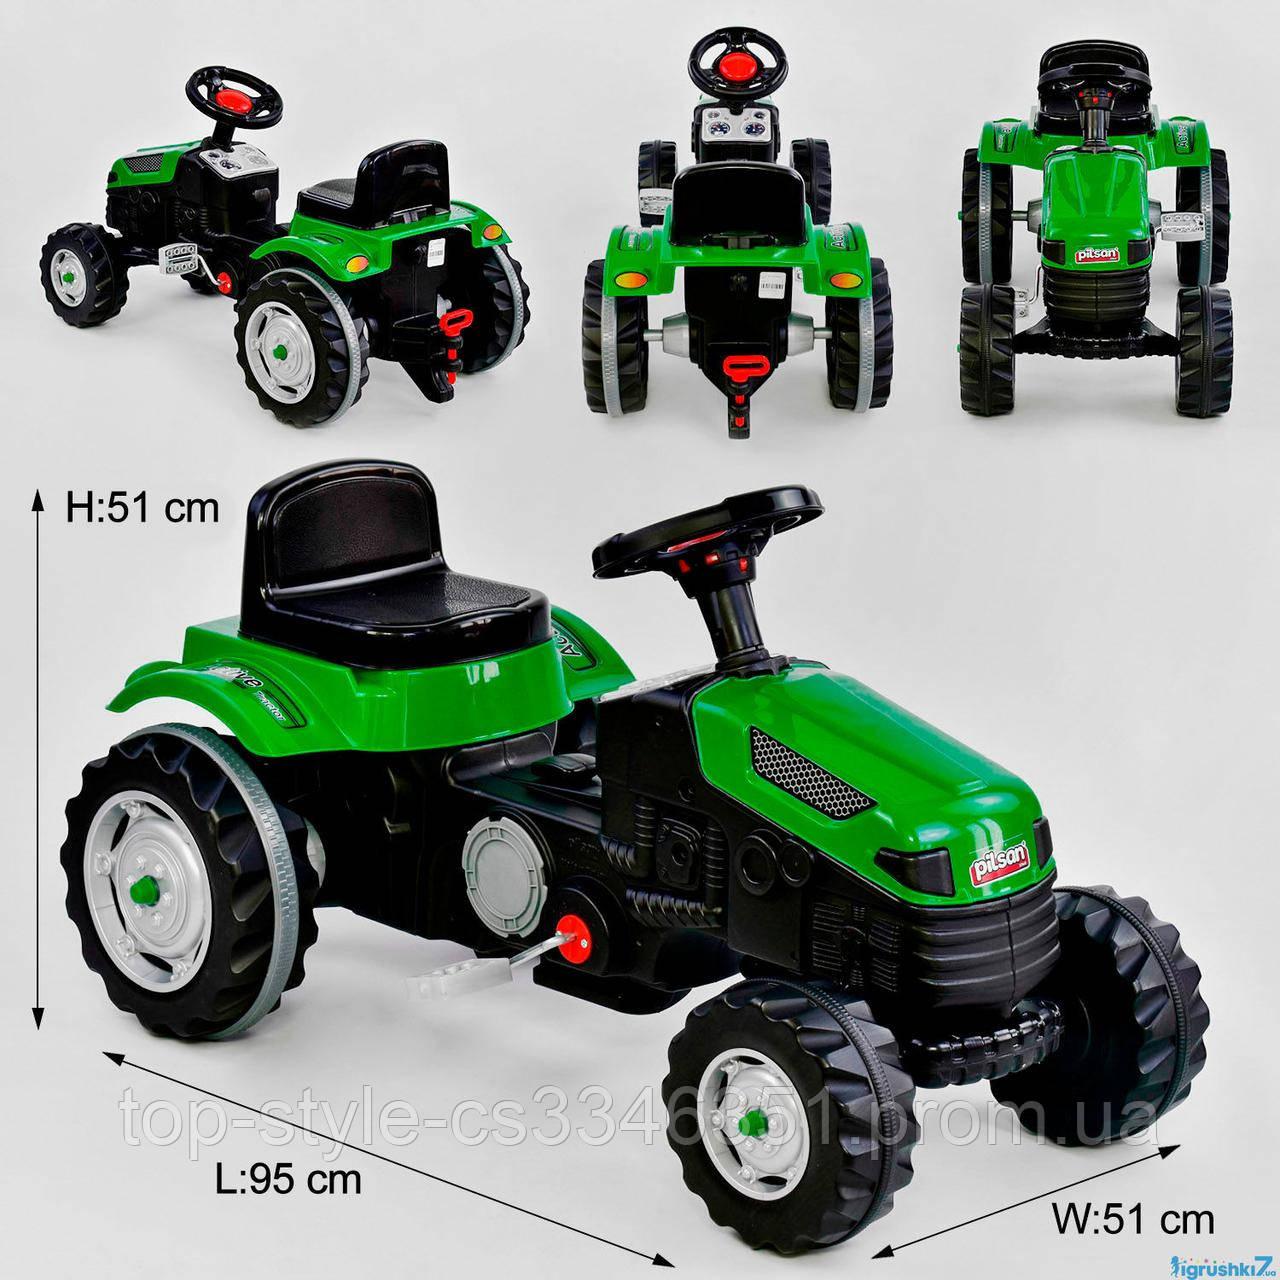 Трактор веломобиль педальный 07-314 зеленый